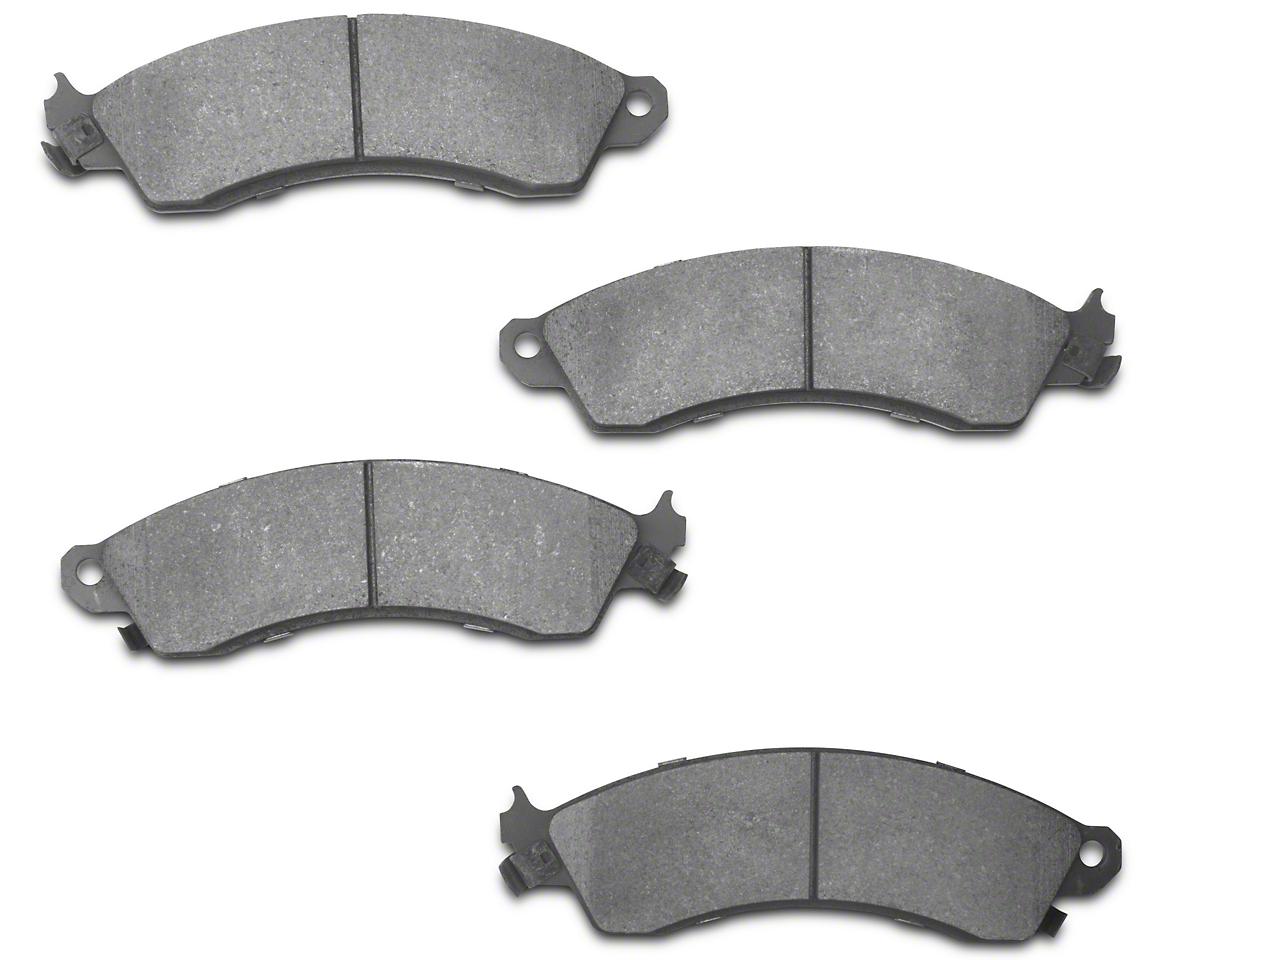 StopTech Street Performance Brake Pads - Front (94-04 Bullitt, Mach 1, Cobra)